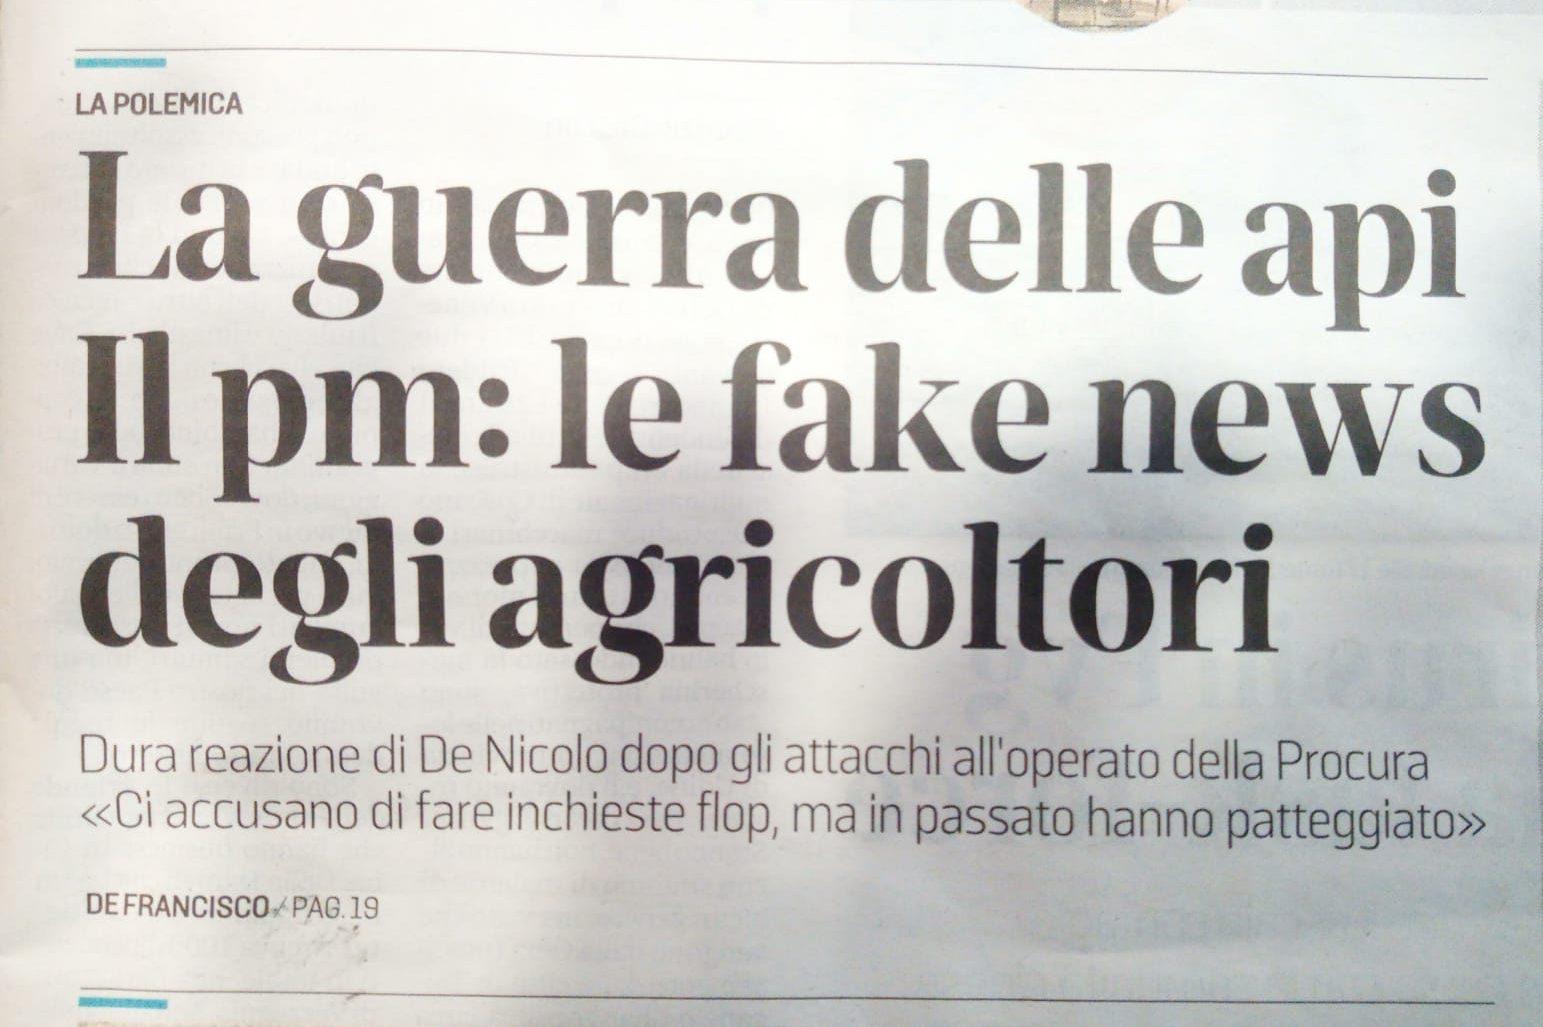 """Friuli Venezia Giulia e la """"guerra delle api"""" – Attualità"""